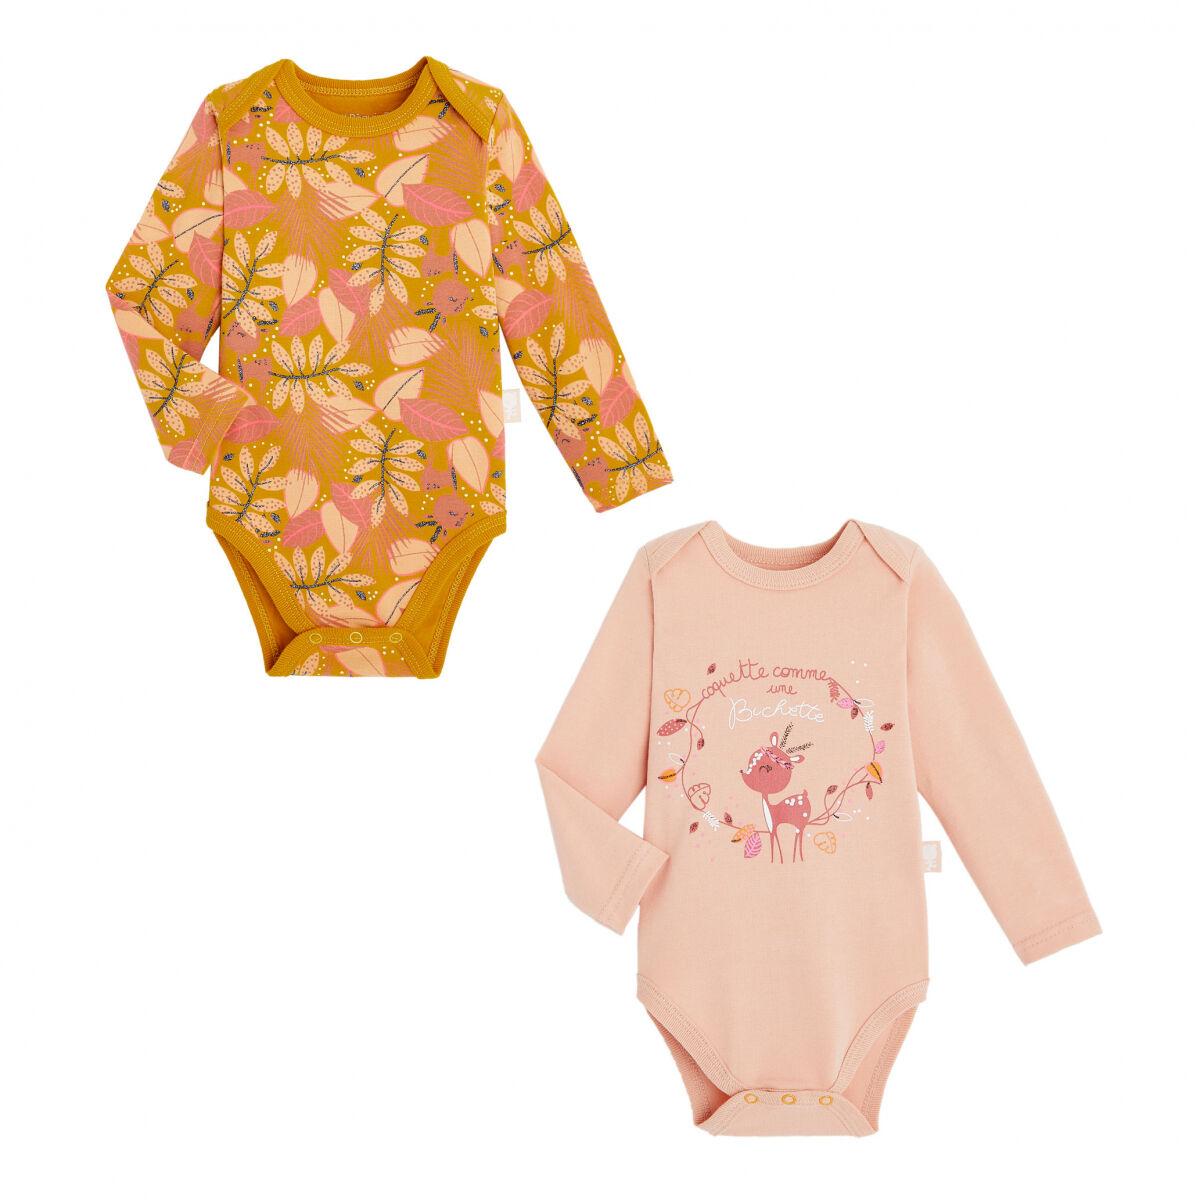 Petit Béguin Lot de 2 bodies bébé fille manches longues contenant du coton bio Papaye - Taille - 12 mois